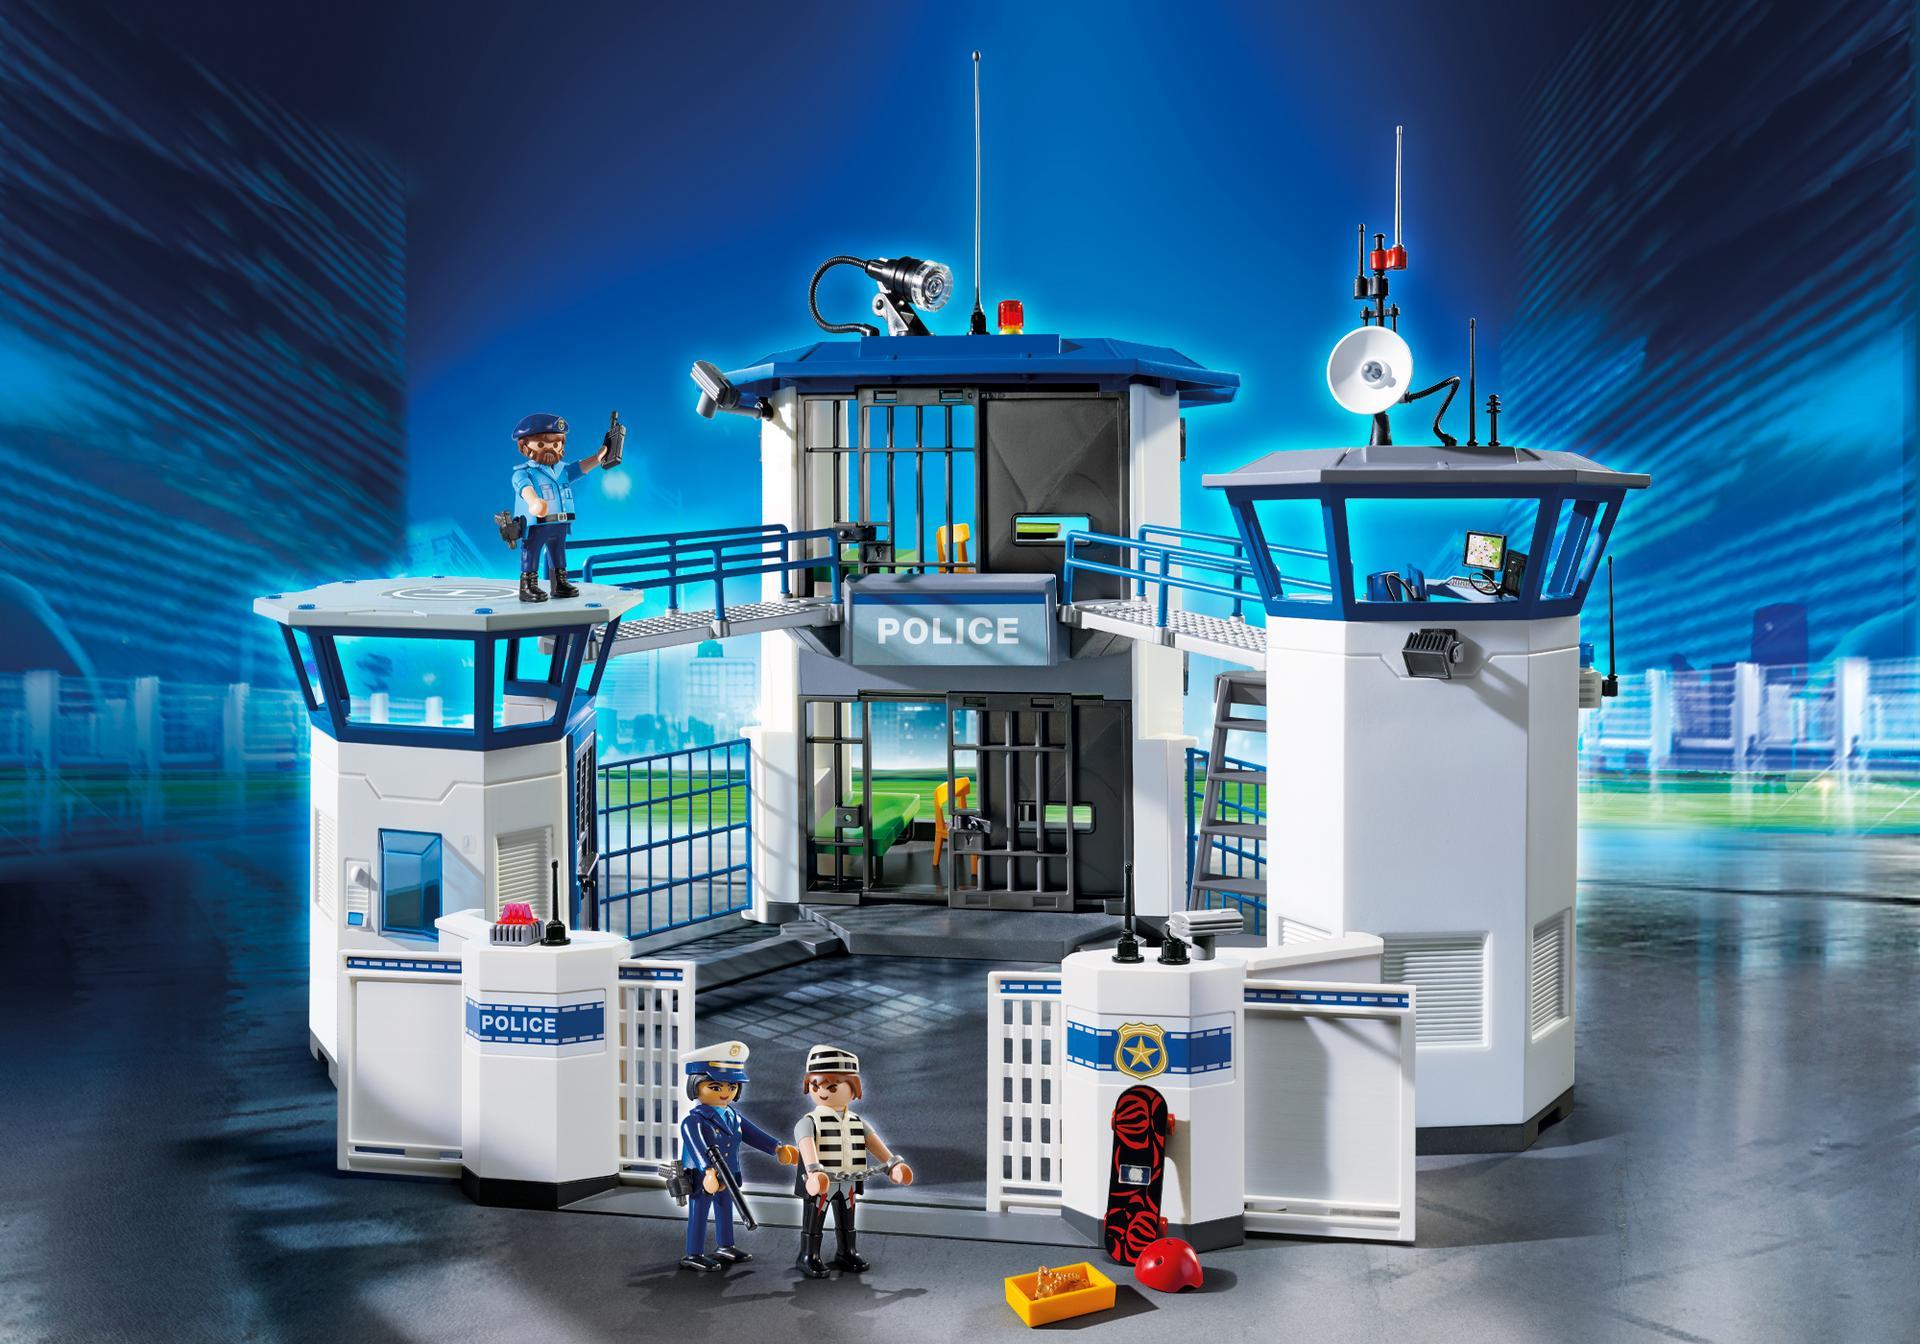 Polizei kommandozentrale mit gef ngnis 6872 playmobil deutschland - Caserne de police playmobil ...